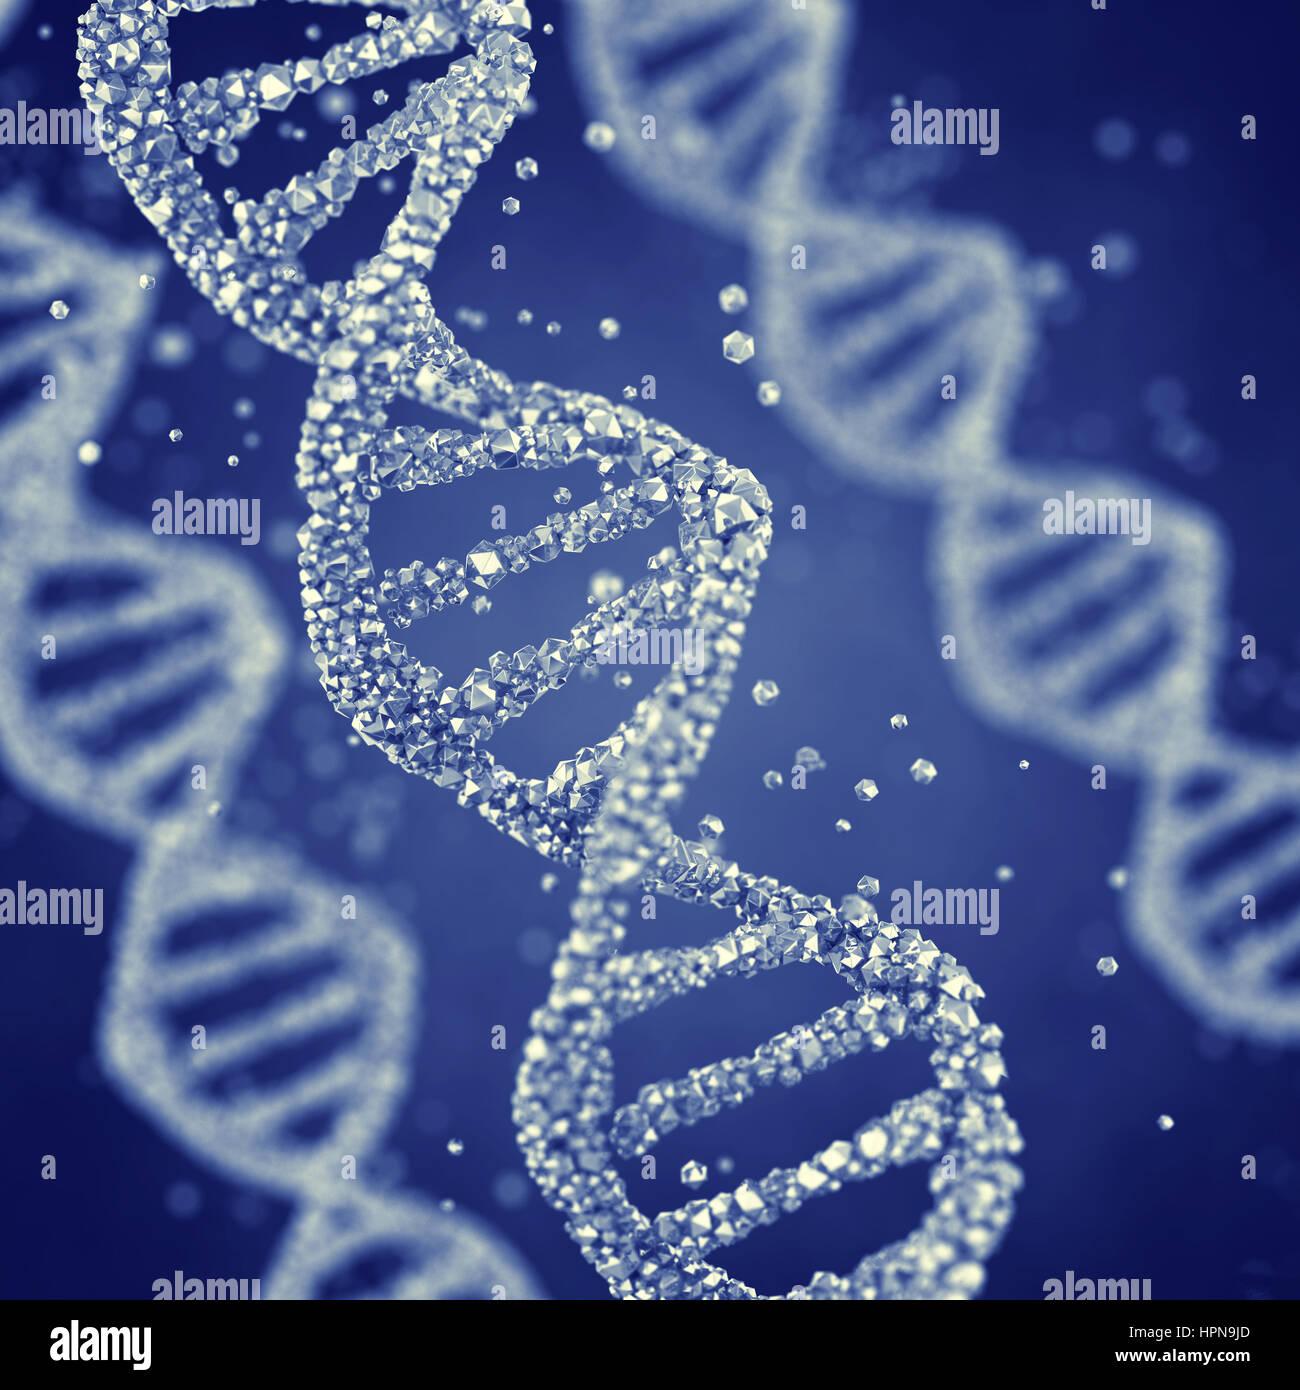 Elica di Dna , Gene mutazione genetica , Immagini Stock